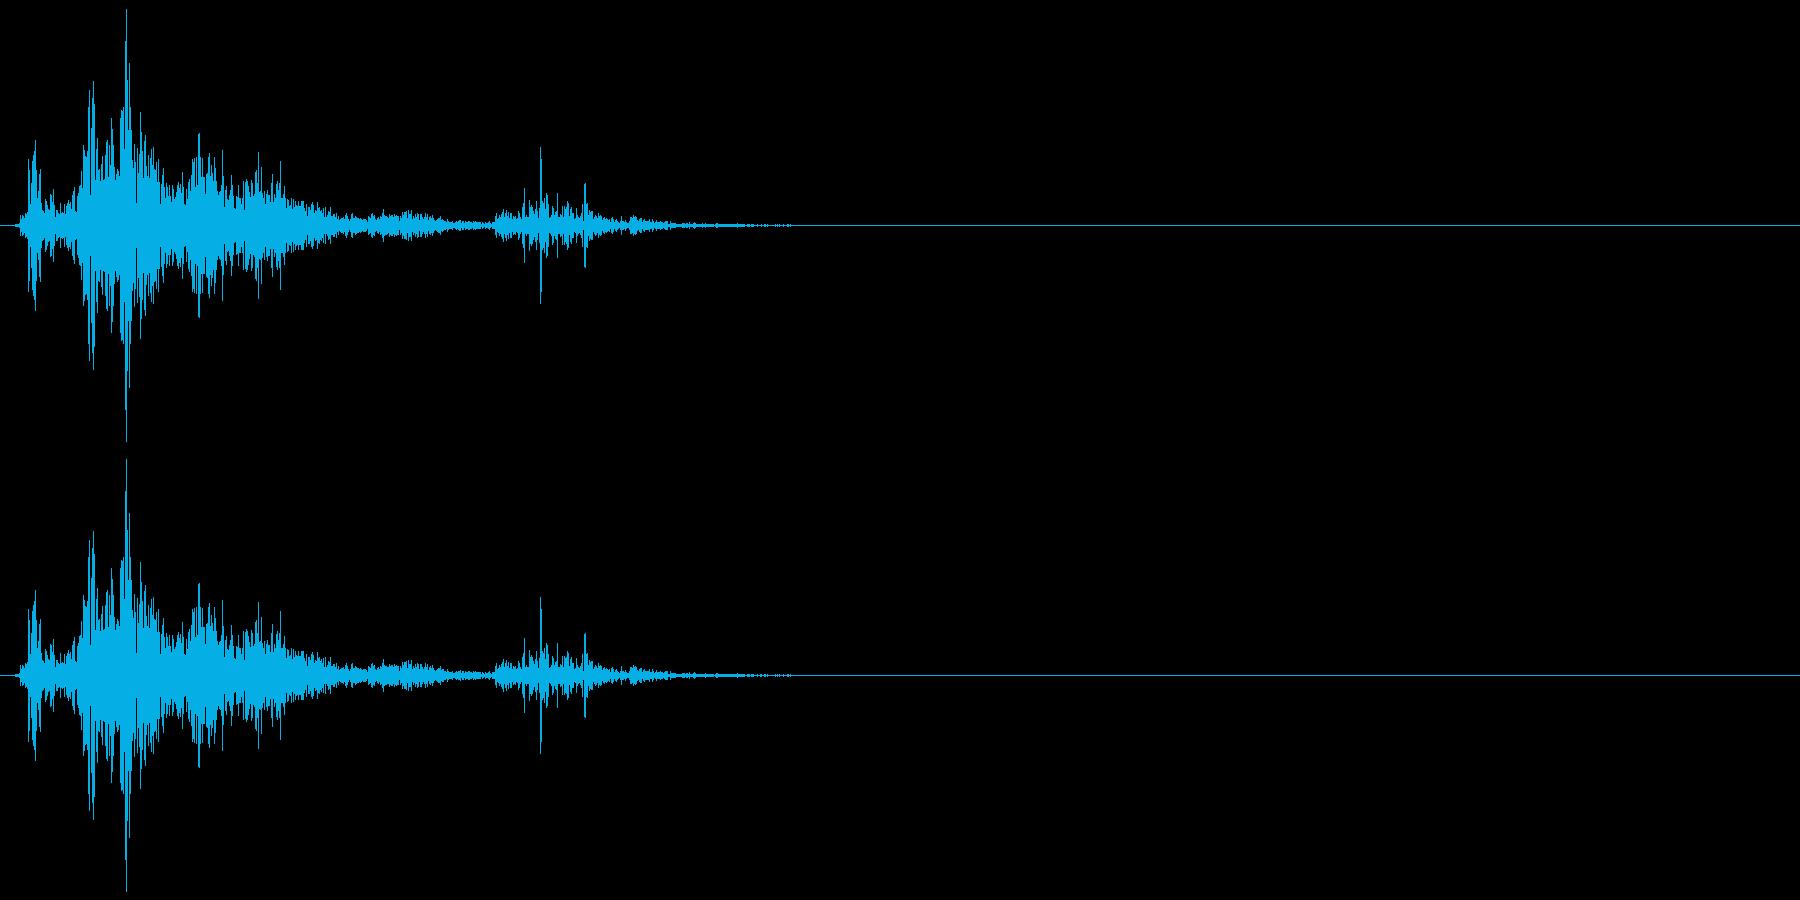 ドサッ(人が倒れる音)01の再生済みの波形